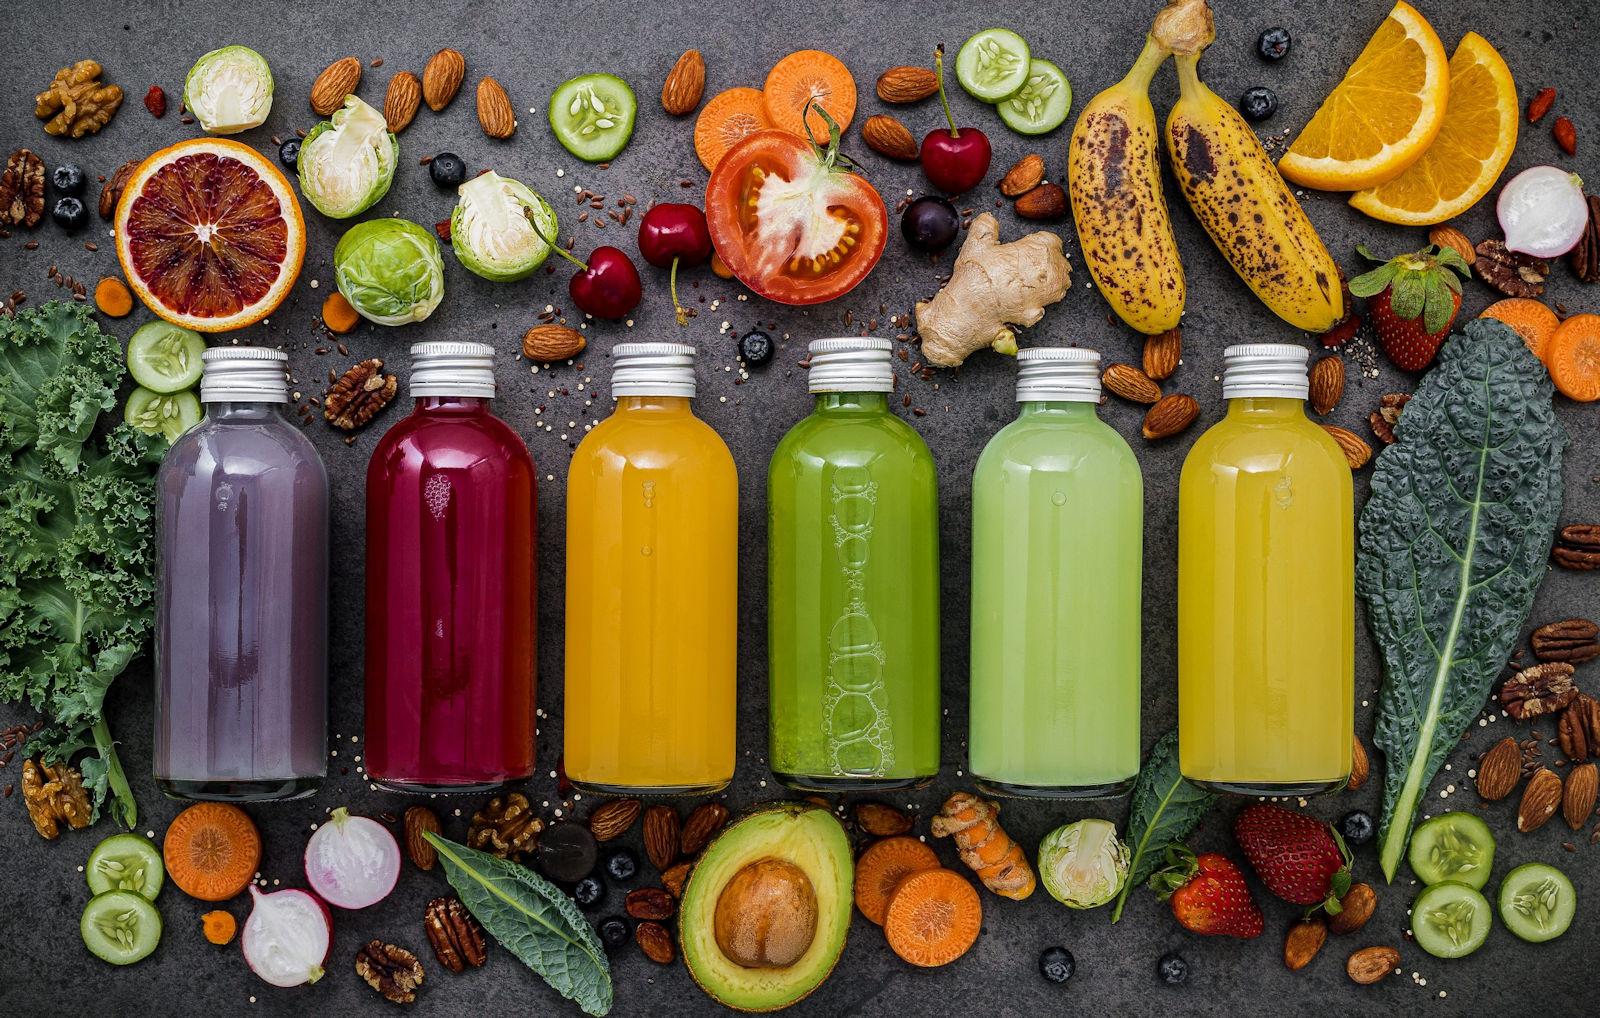 Dieta sokowa jest oparta na sokach owocowych i warzywnych